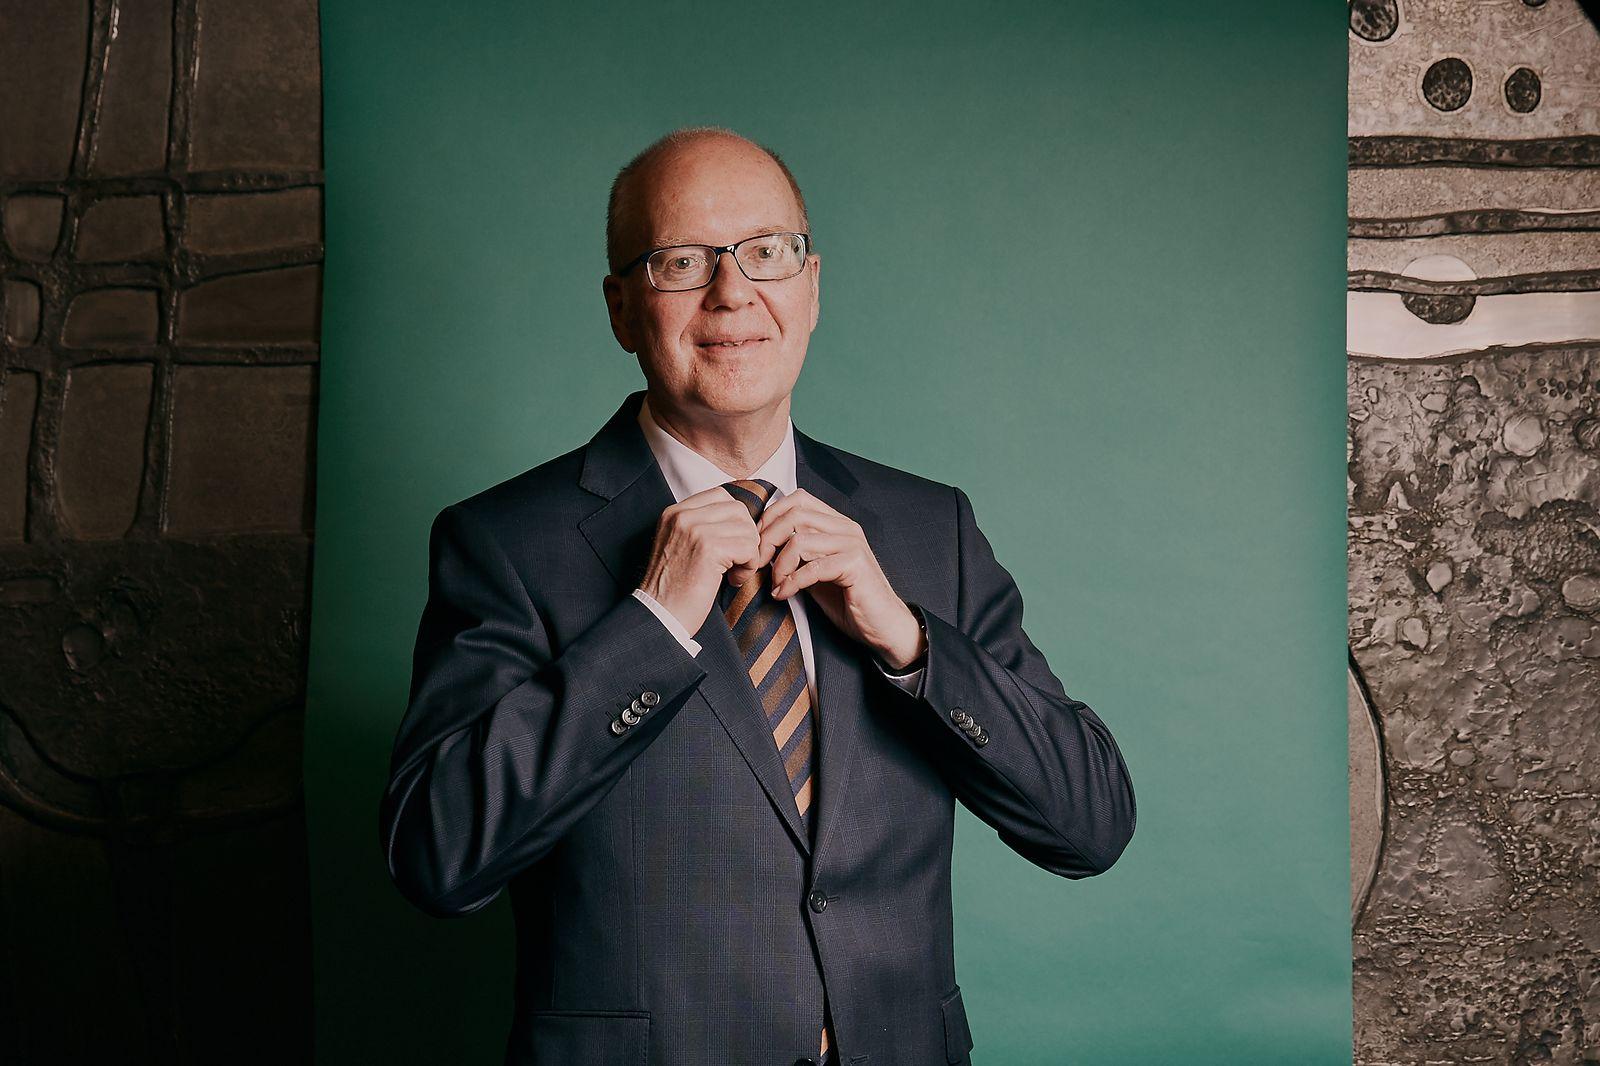 Portrait von Prof. Heinz Jörg Fuhrmann, Vorstandsvorsitzender des Stahlkonzerns Salzgitter AG